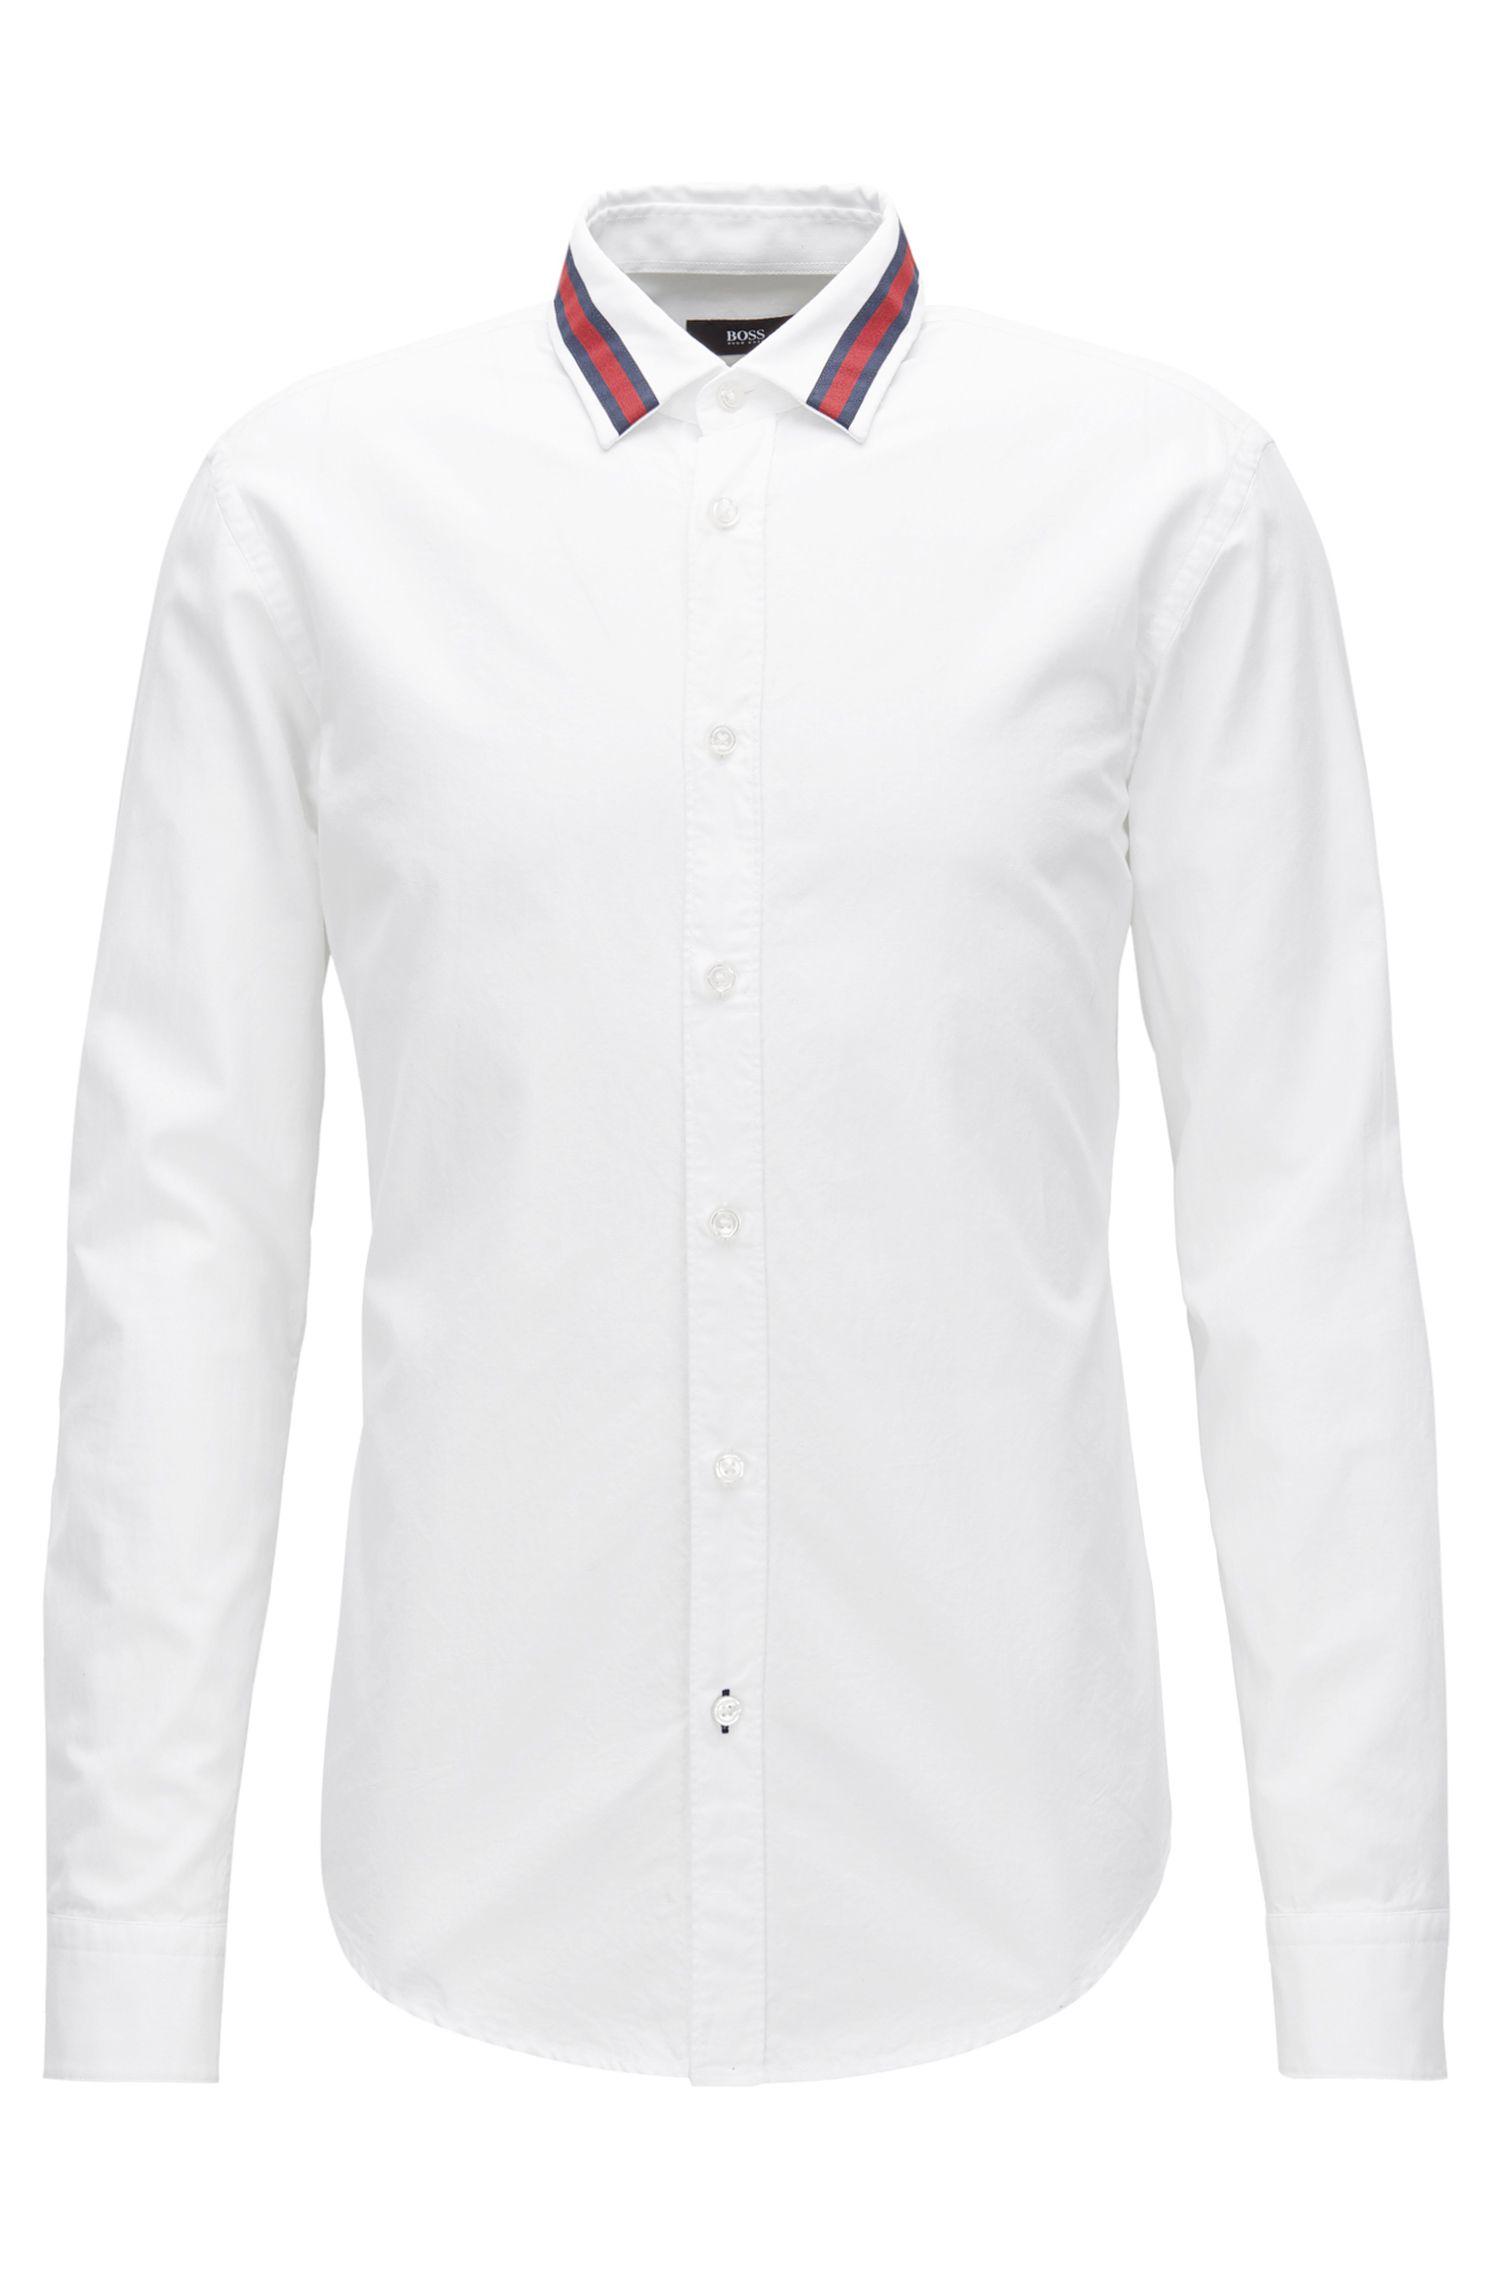 Grosgrain Oxford Button Down Shirt, Slim Fit | Ronni R